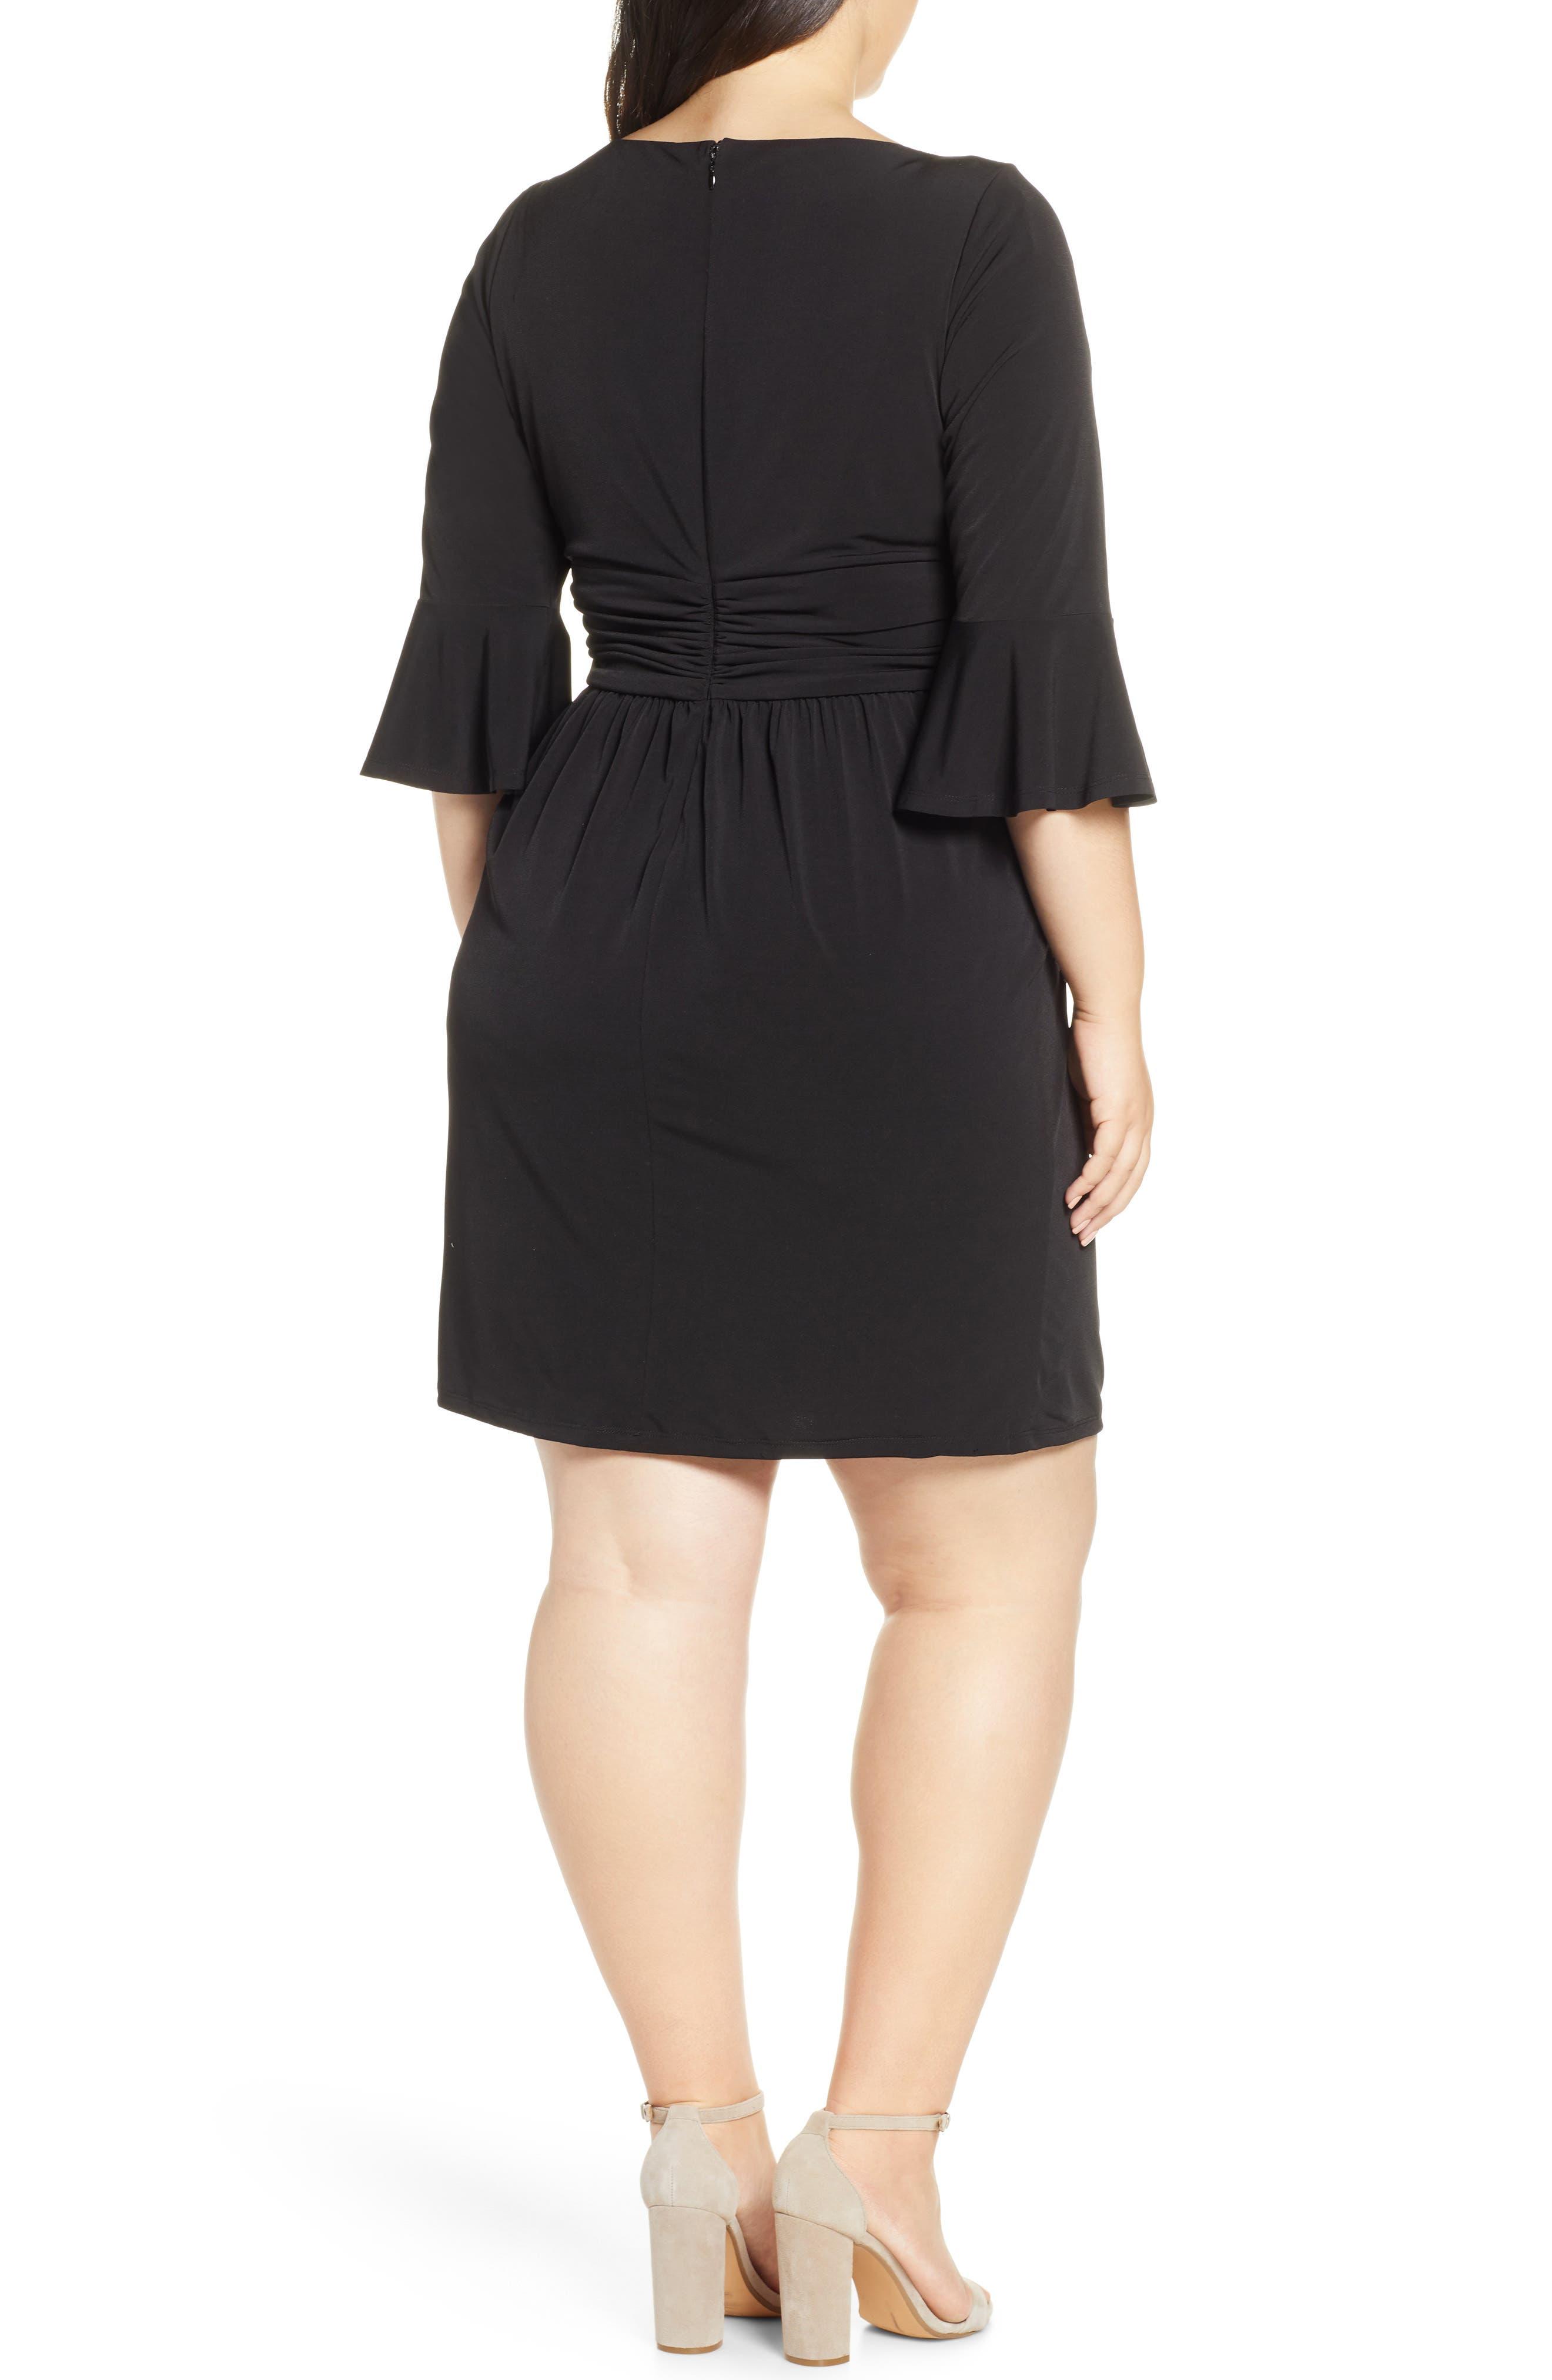 bb8d454a299c0 Women's Sale Dresses | Nordstrom